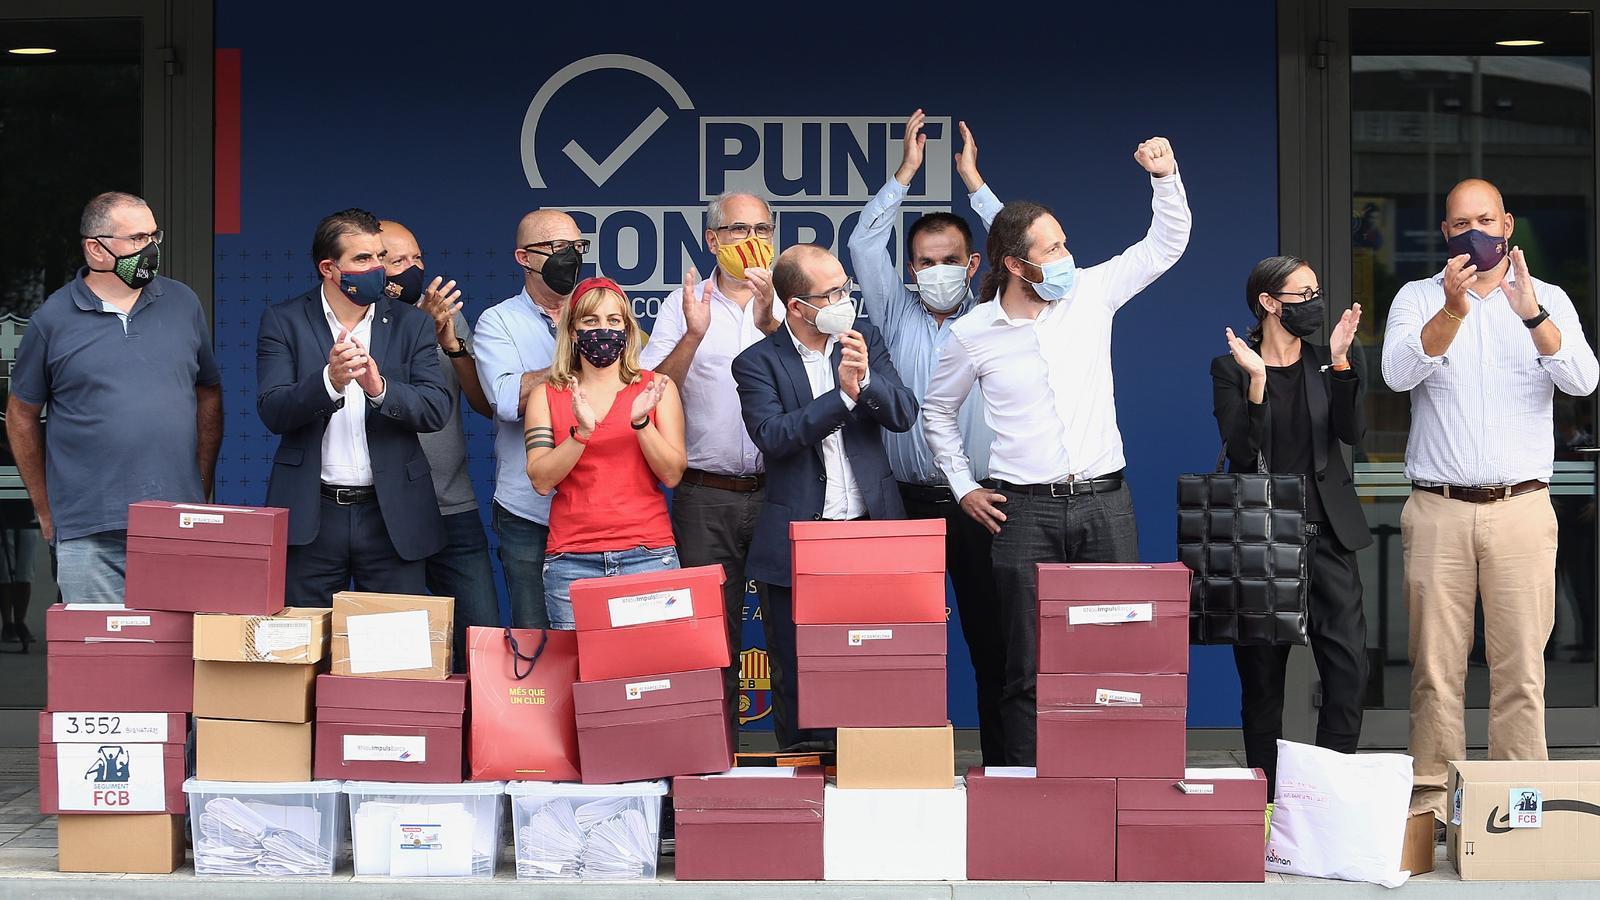 Més que una Moció recorrerà al Tribunal Català de l'Esport si Bartomeu no  convoca avui el vot de censura (Martí Molina)